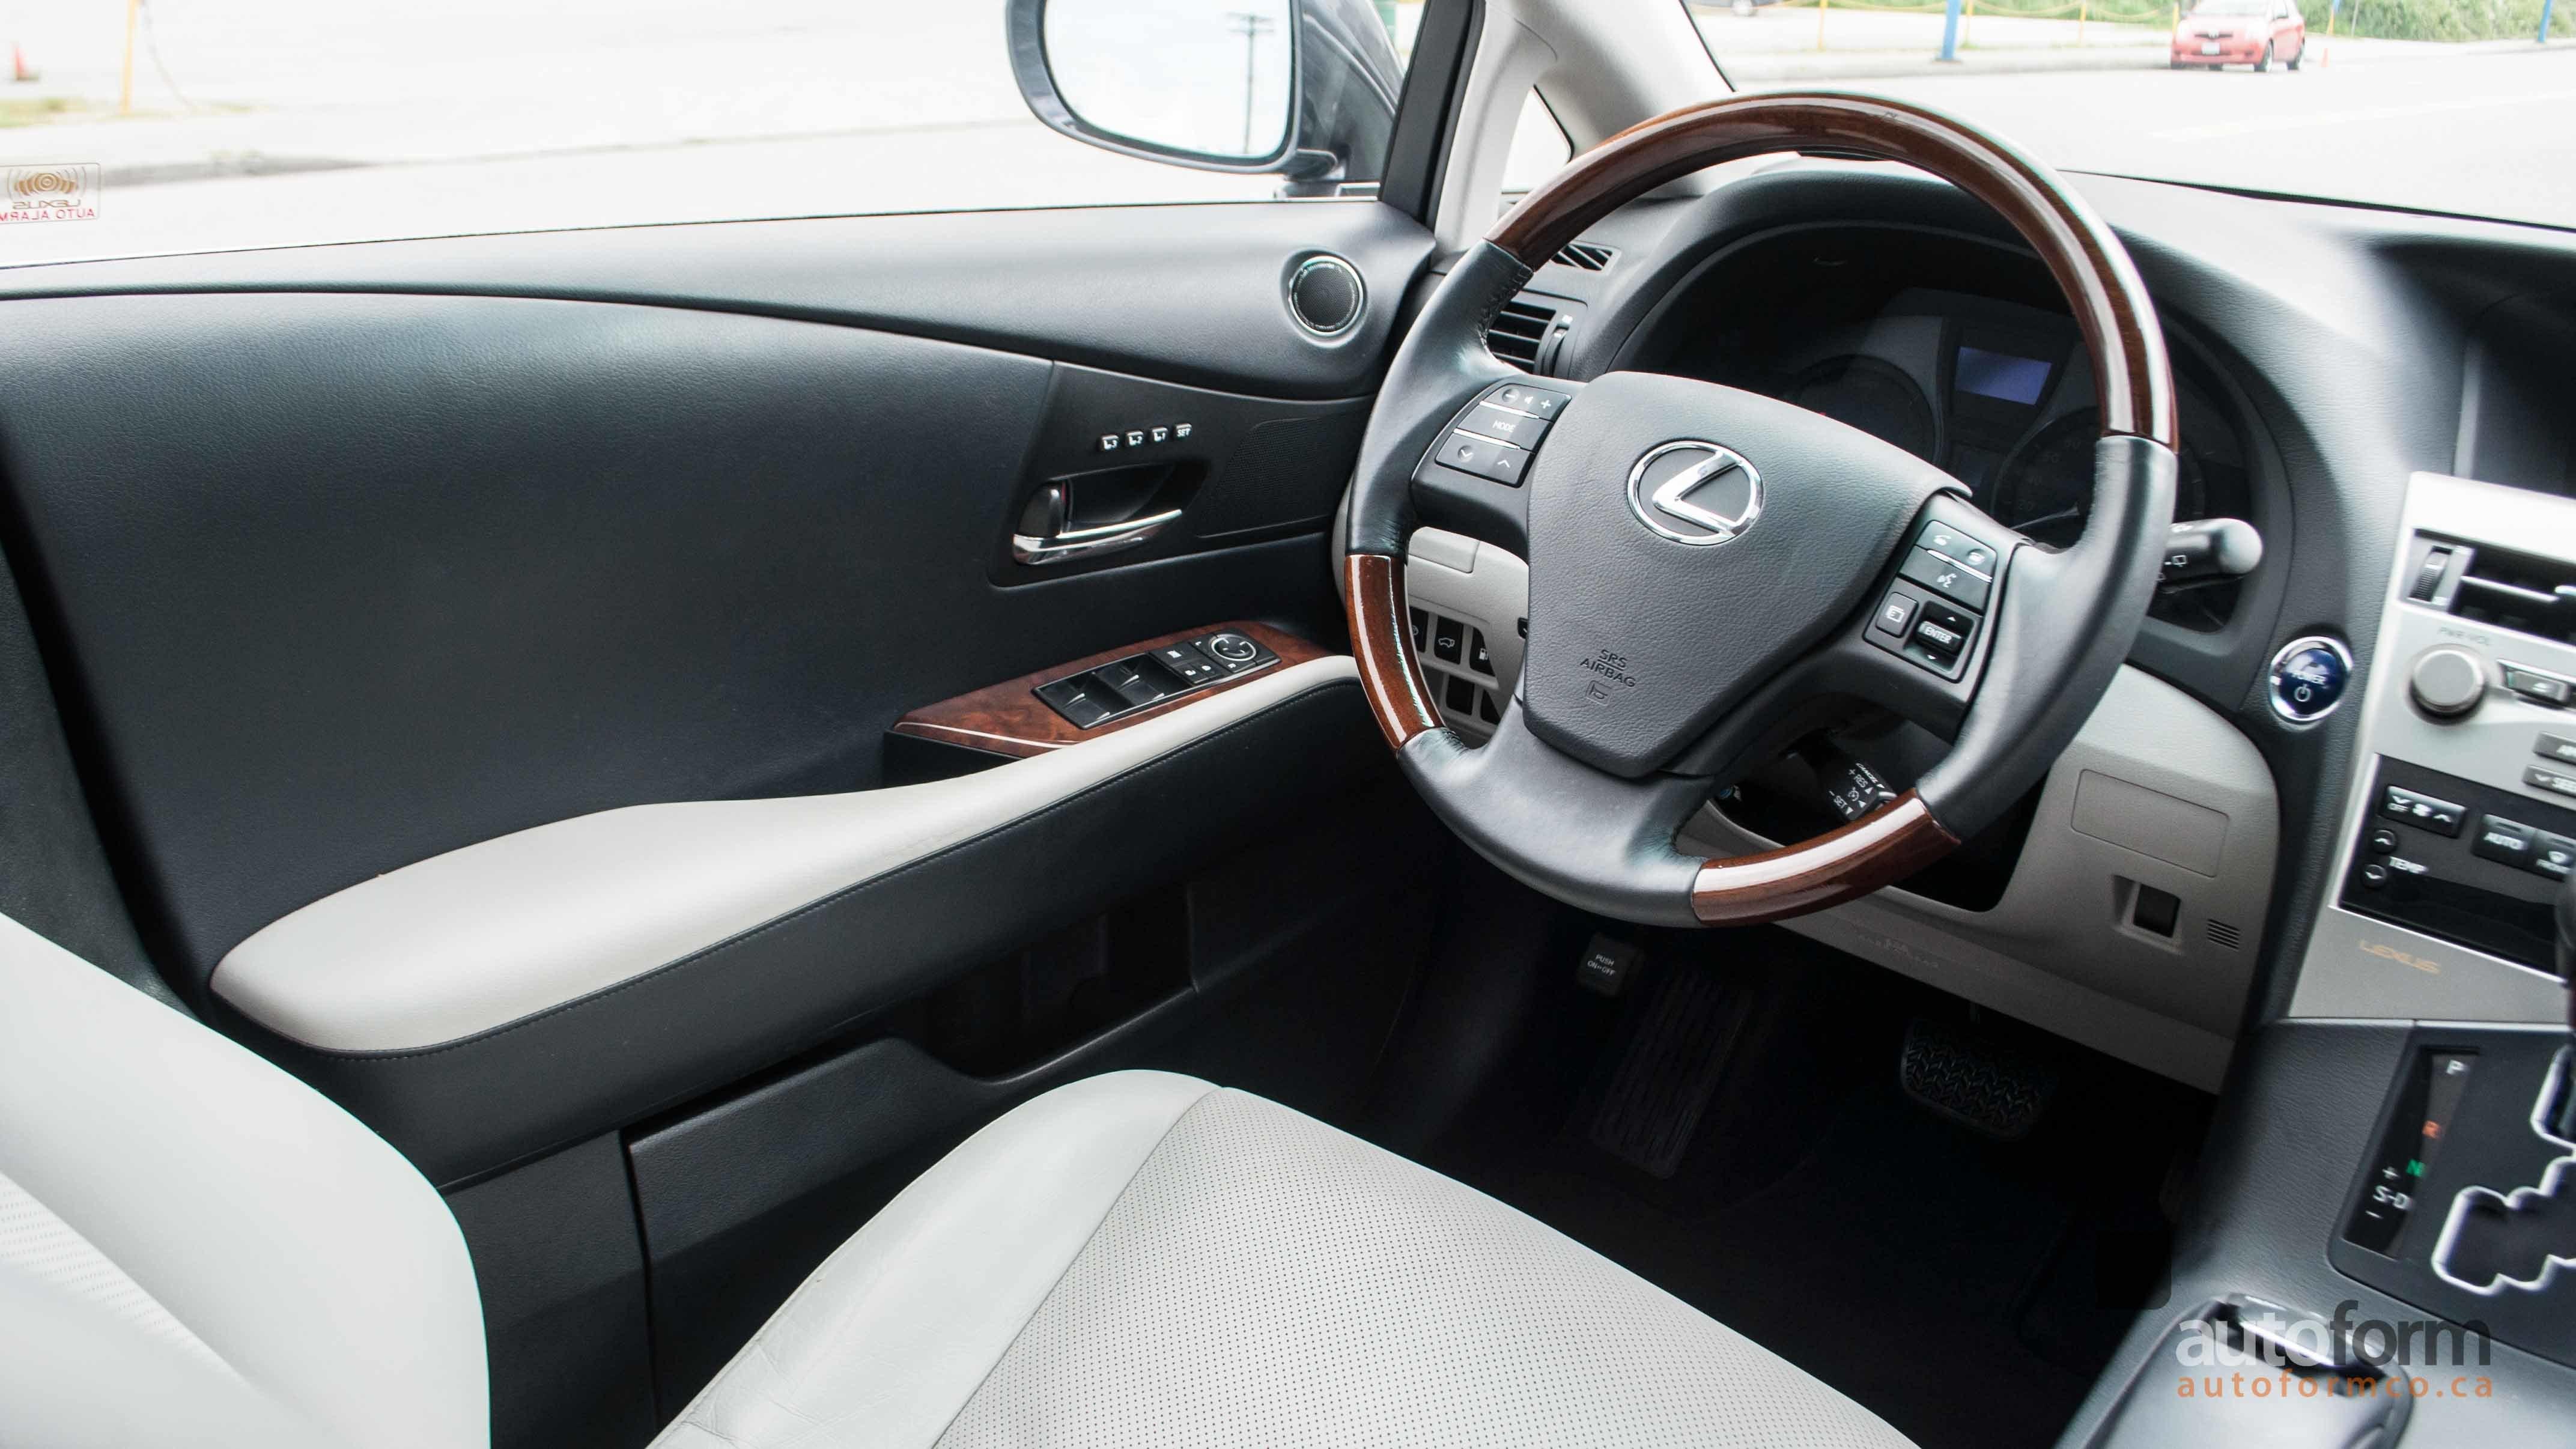 rx autoform vancouver lexus hybrid awd lease vehicles